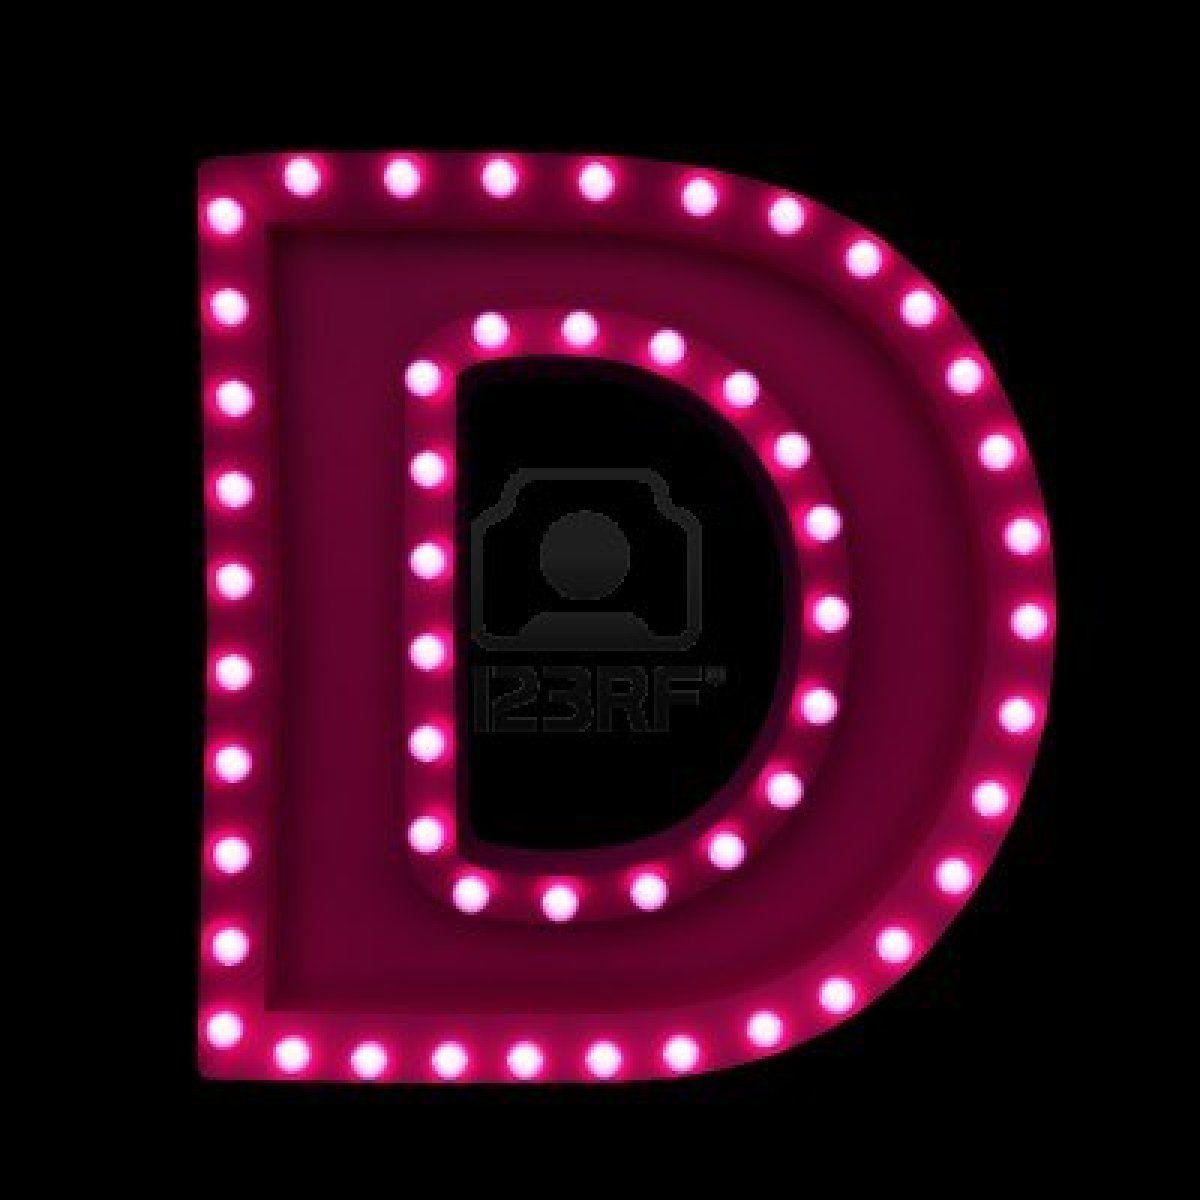 Letras con luces de ne n aisladas sobre fondo negro foto - Luces de neon ...